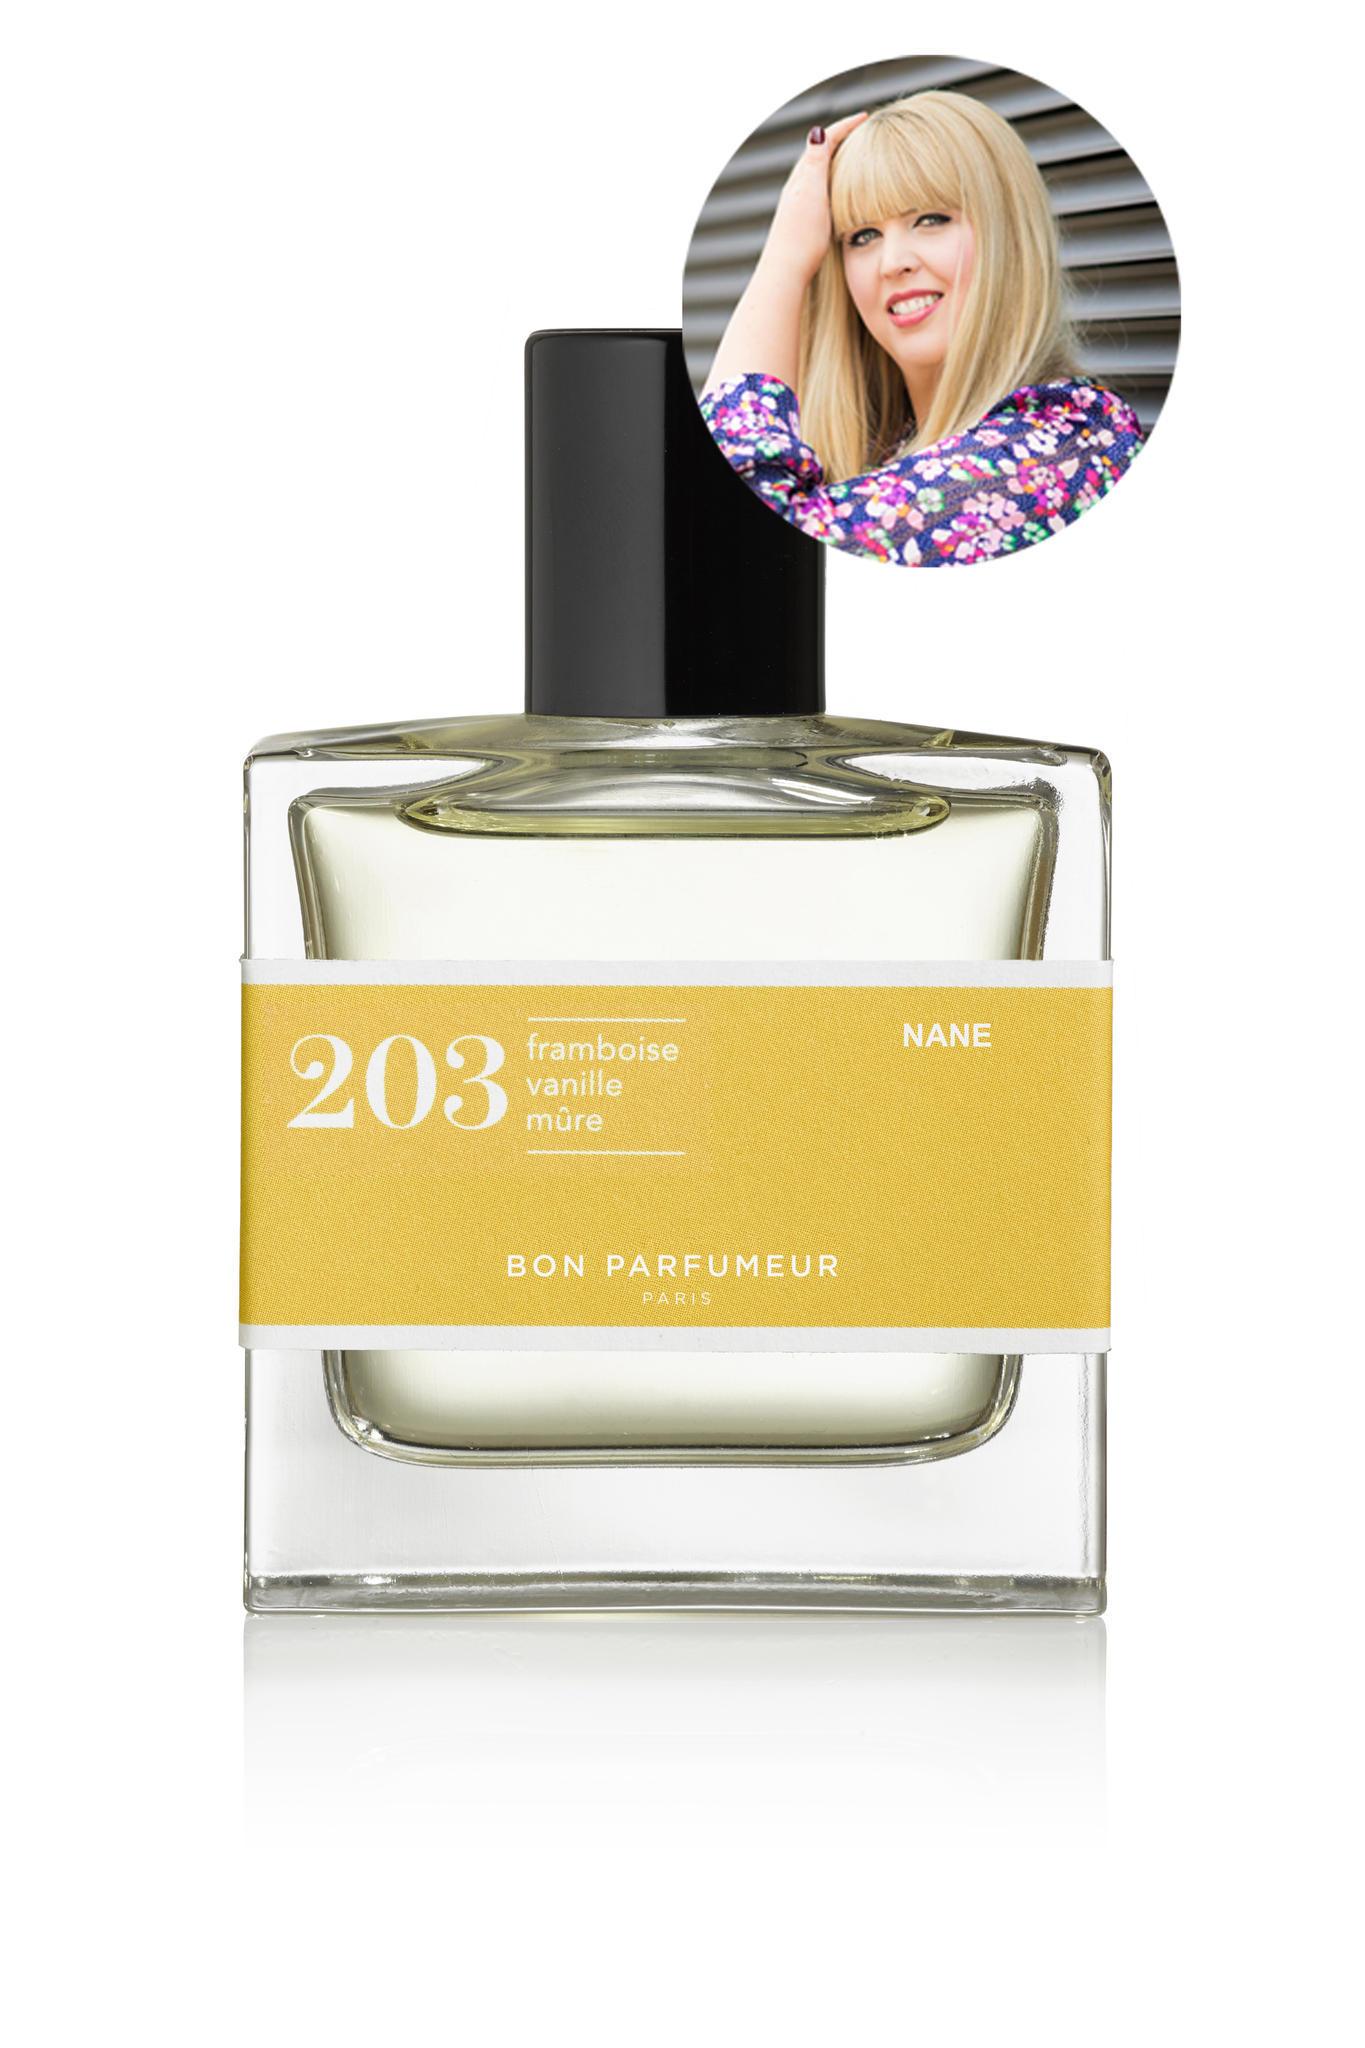 Ziemlich dufte: Beauty-Redakteurin Nane besitzt nun ihr ganz persönliches Parfum.